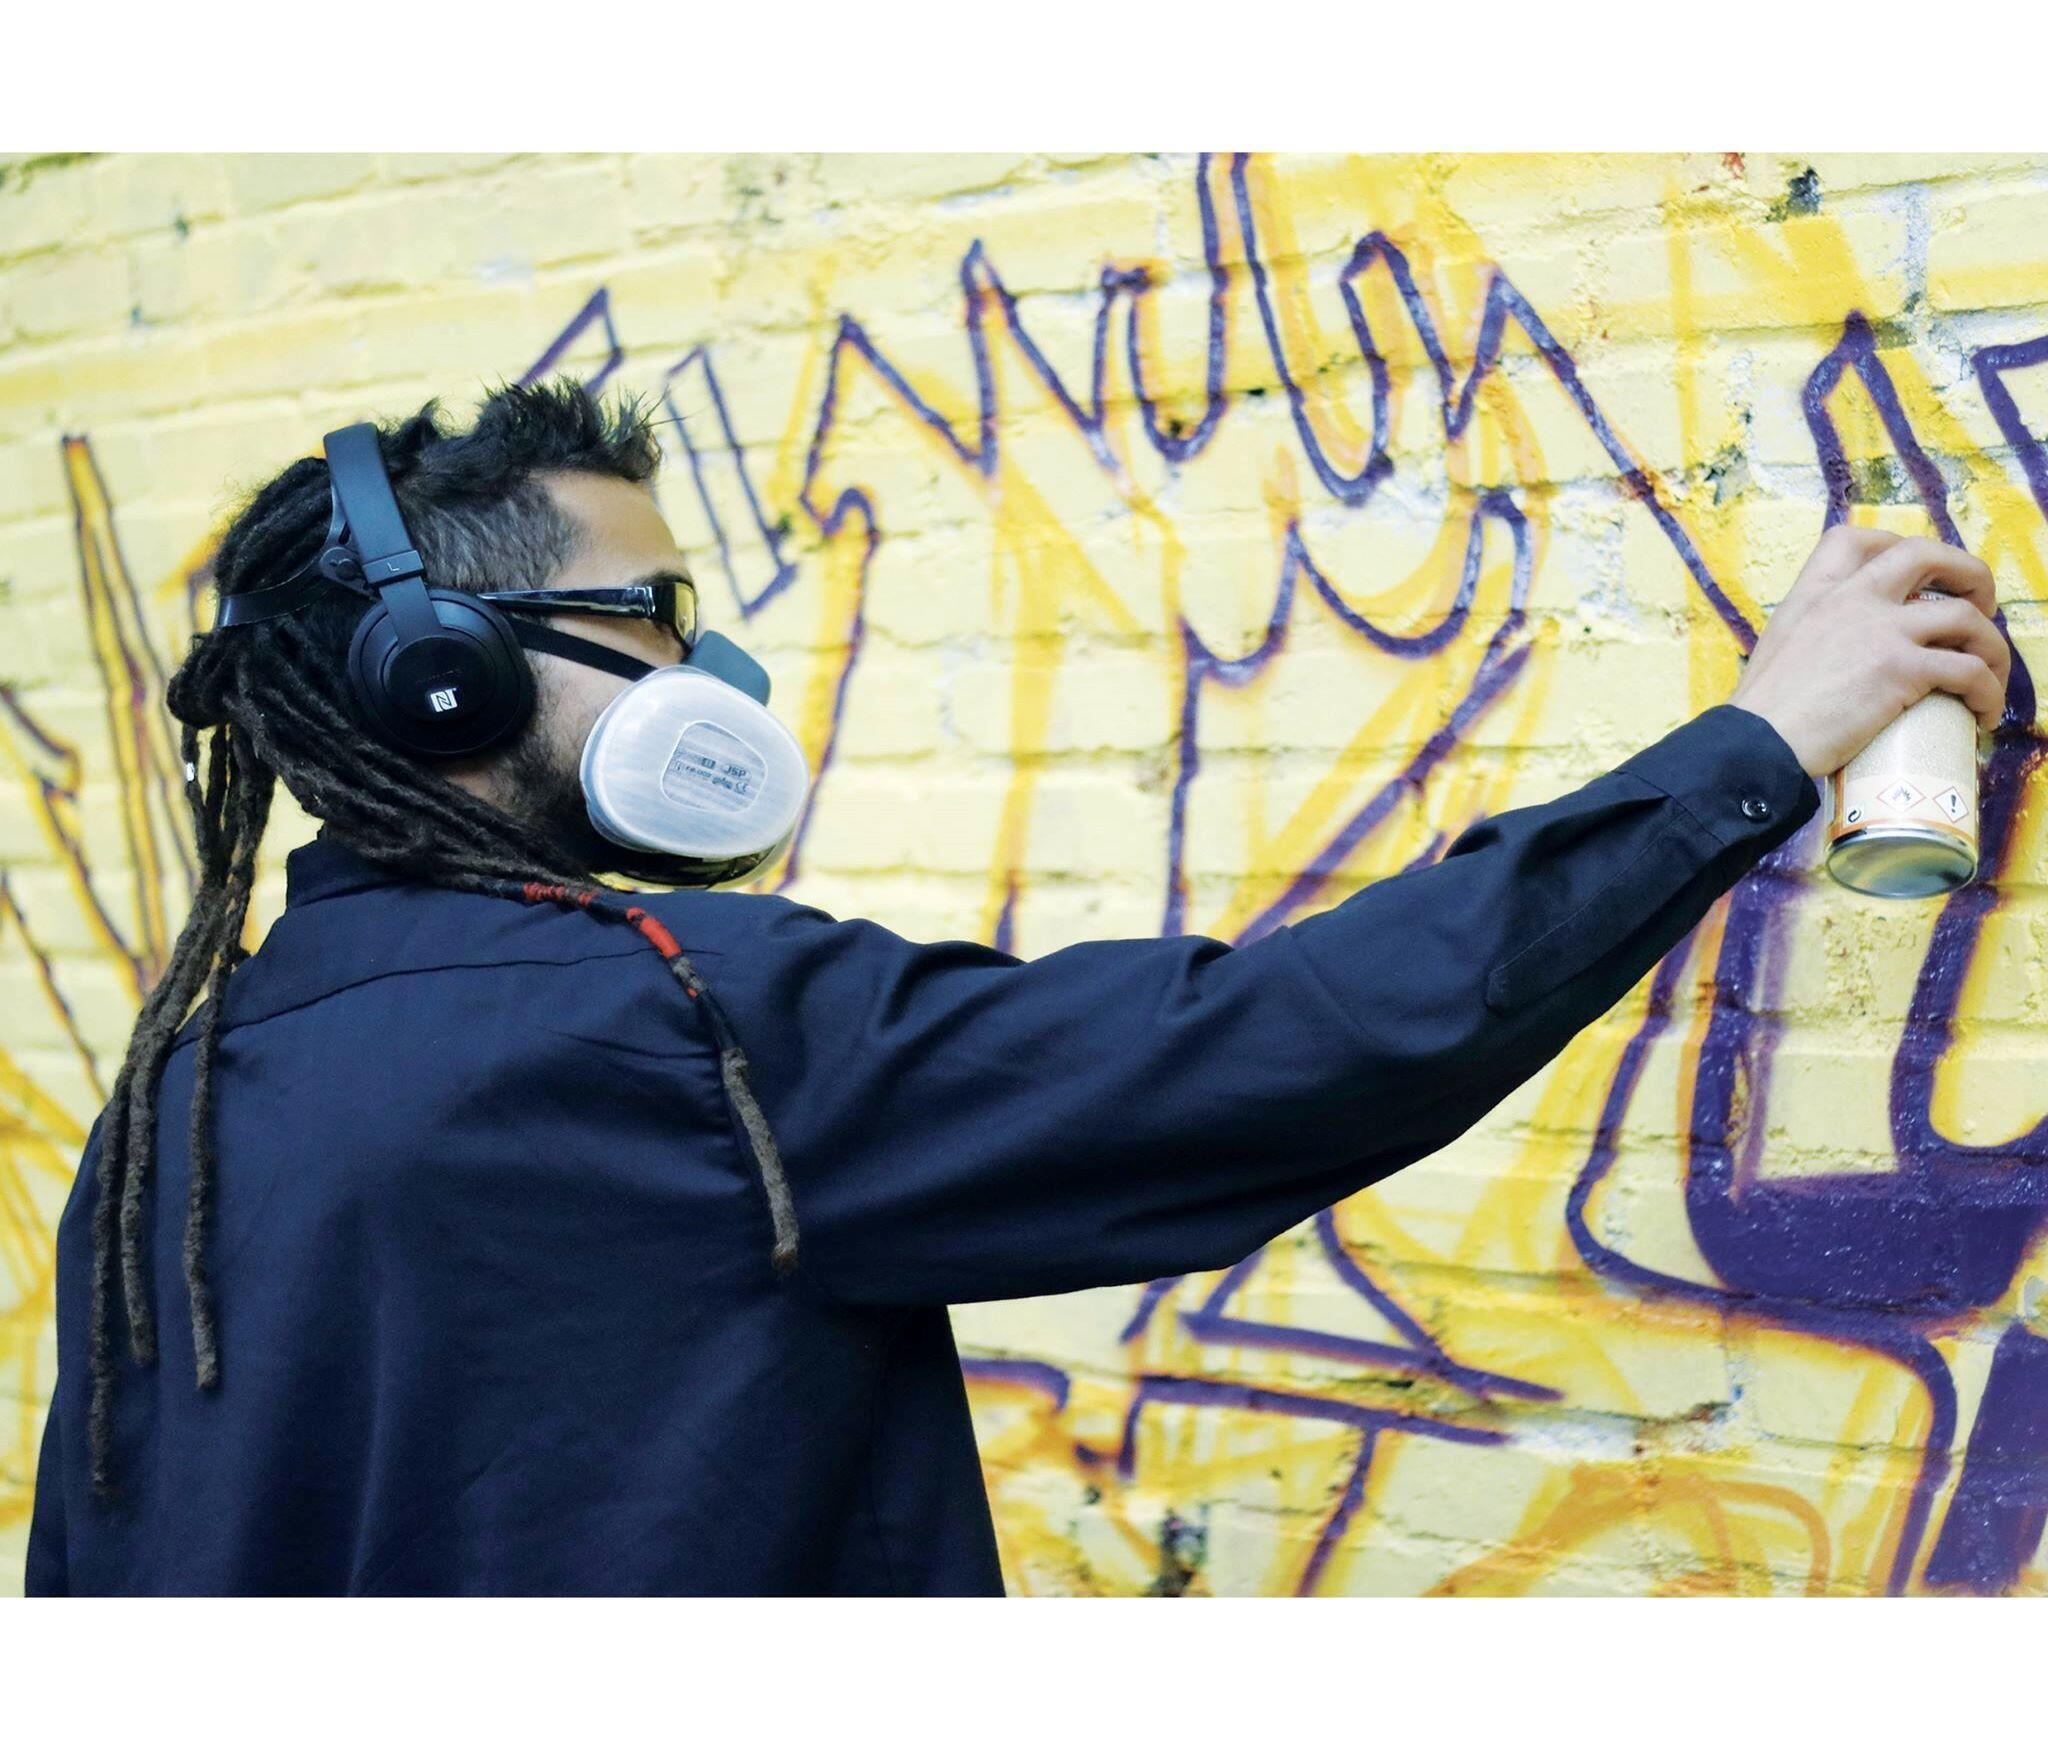 meen_graffiti_artist_tunisia